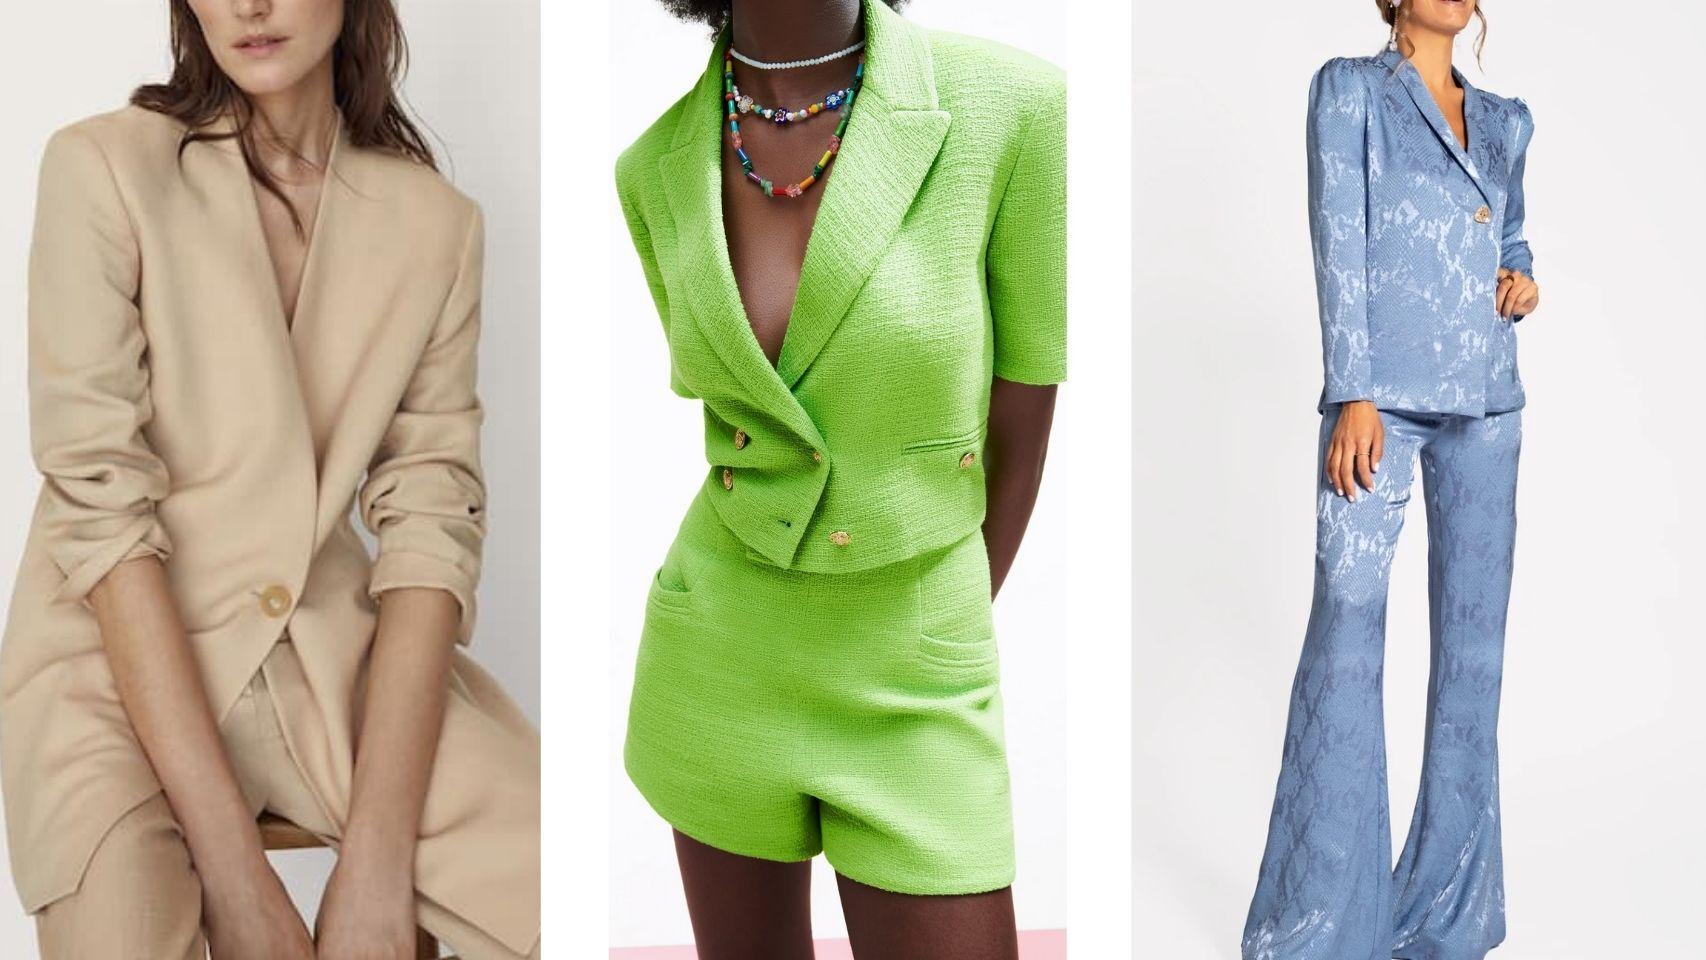 Los trajes chaqueta se posicionan como el 'look' perfecto de invitada.